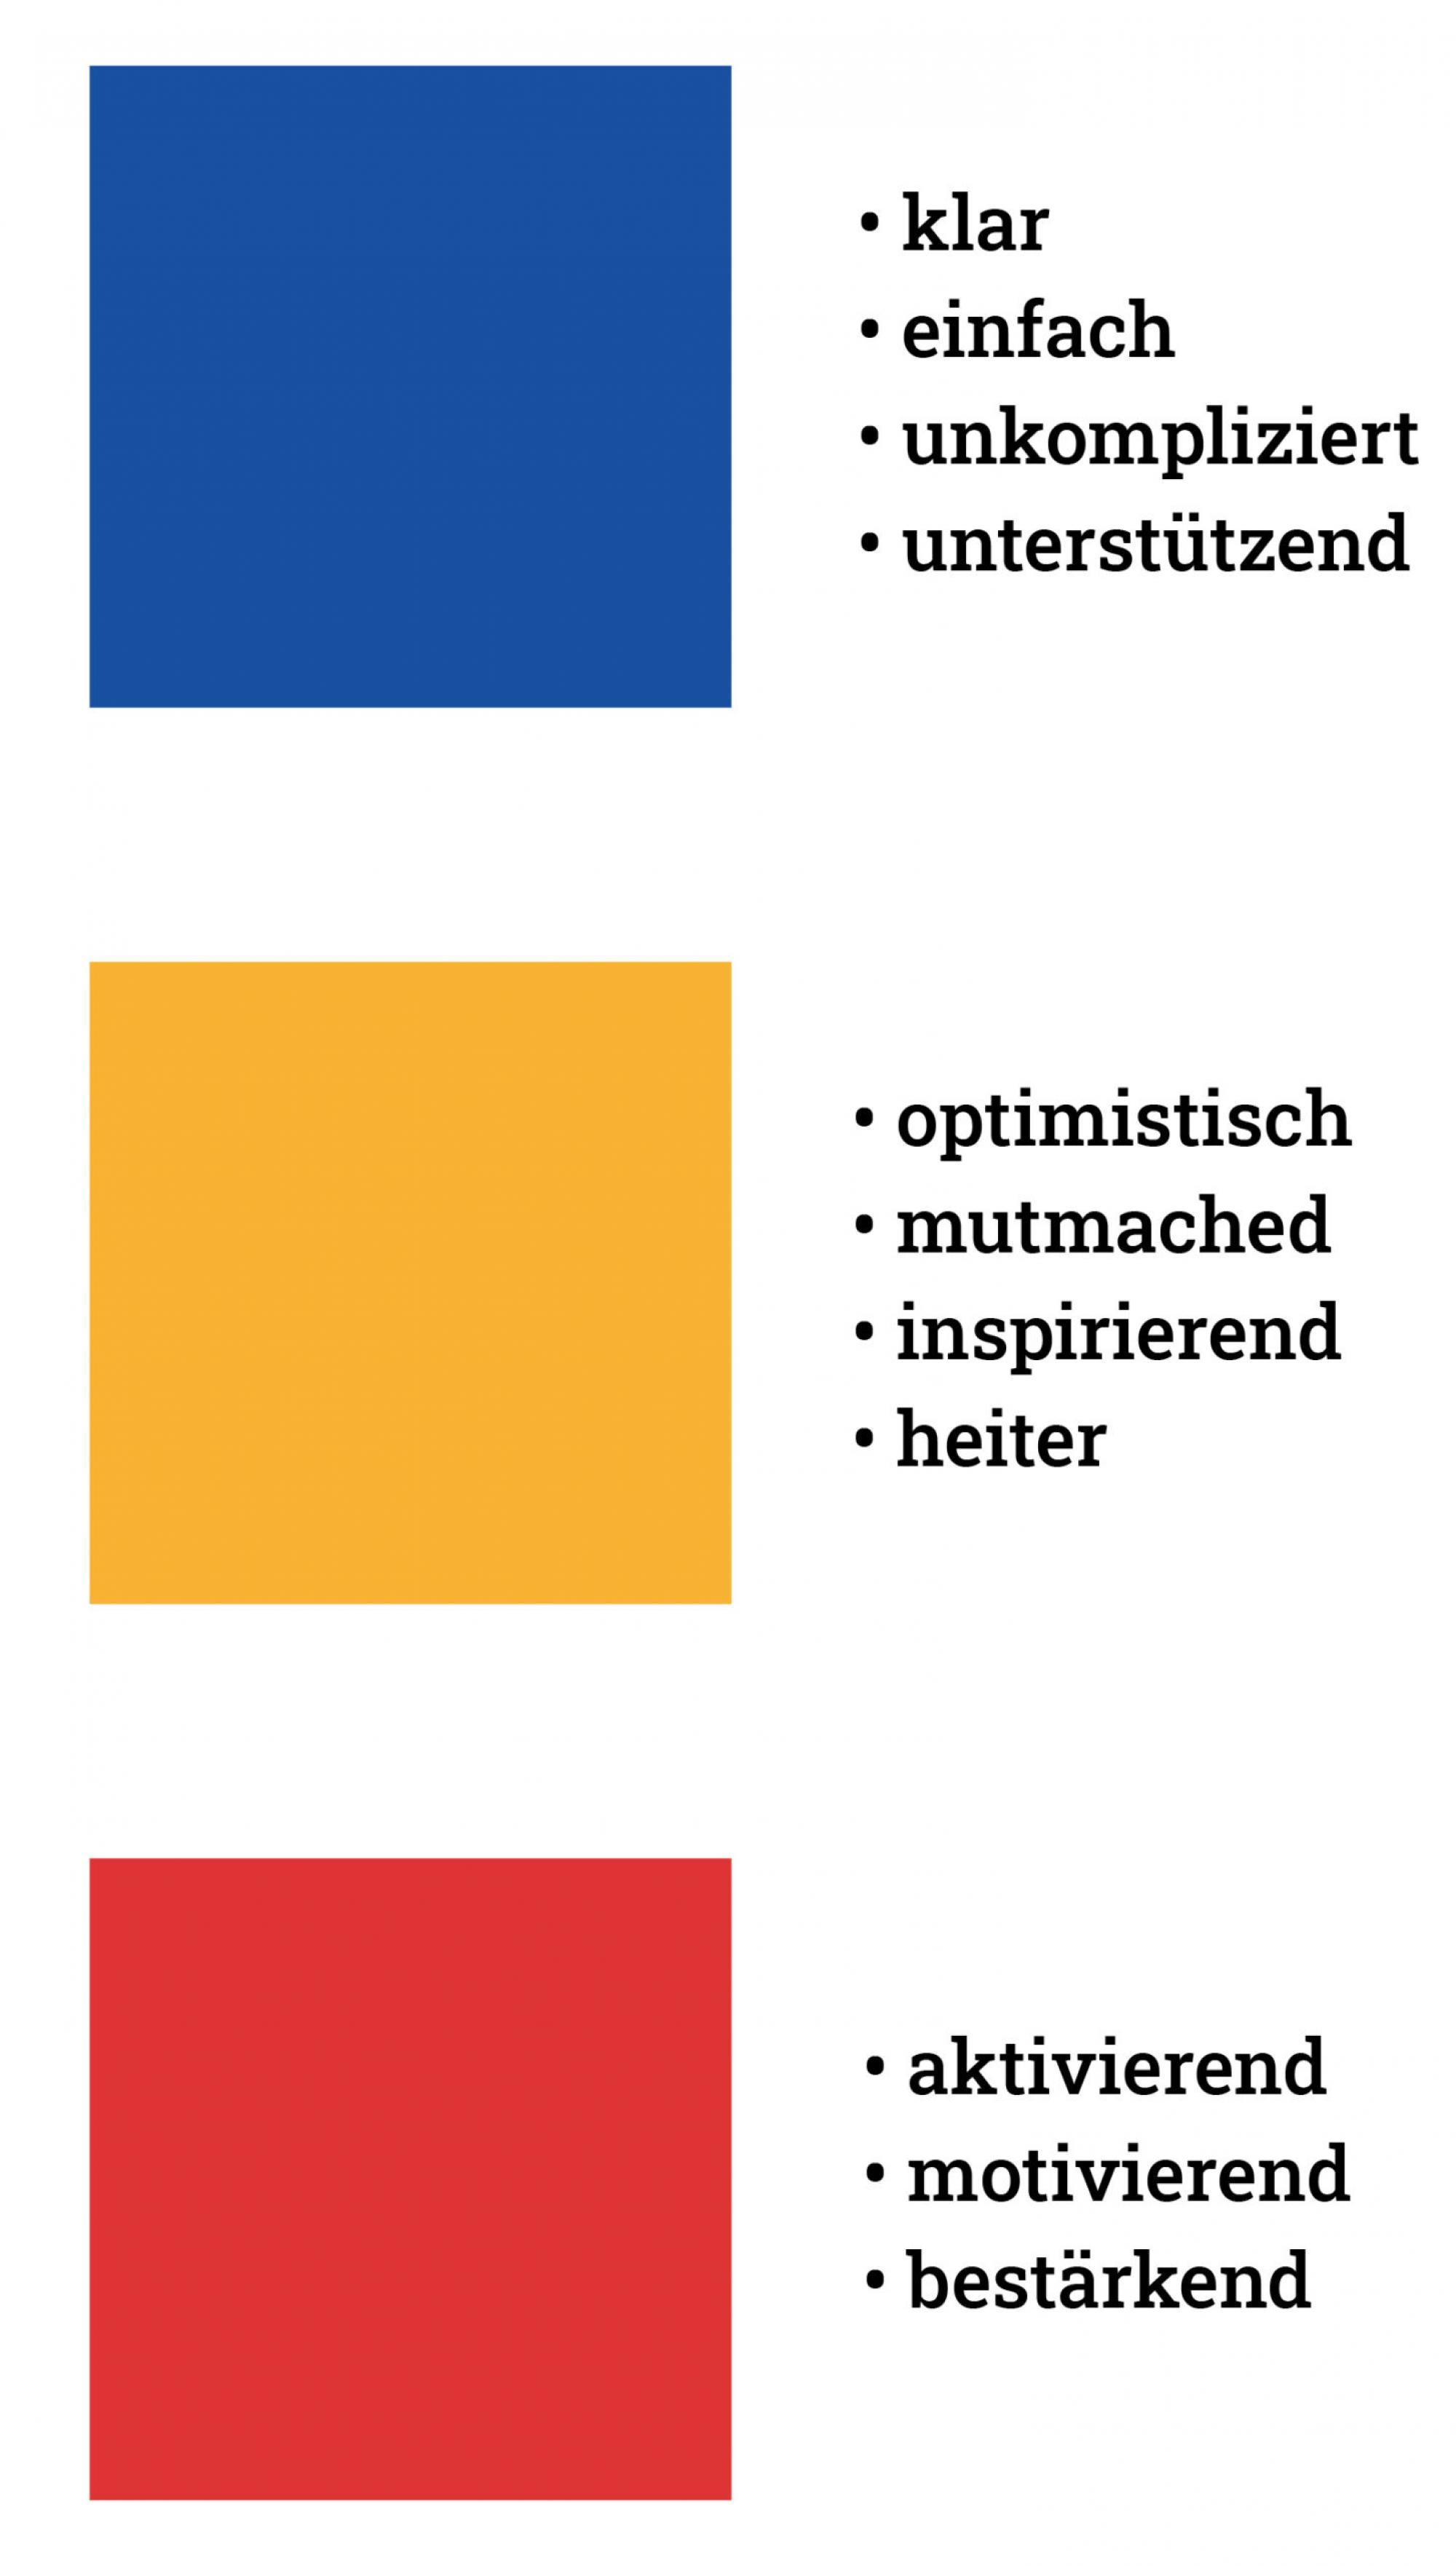 MagnetproduktClub-Maren-Martschenko-FORMLOS-Berlin-Logo-Farben-Branding-2